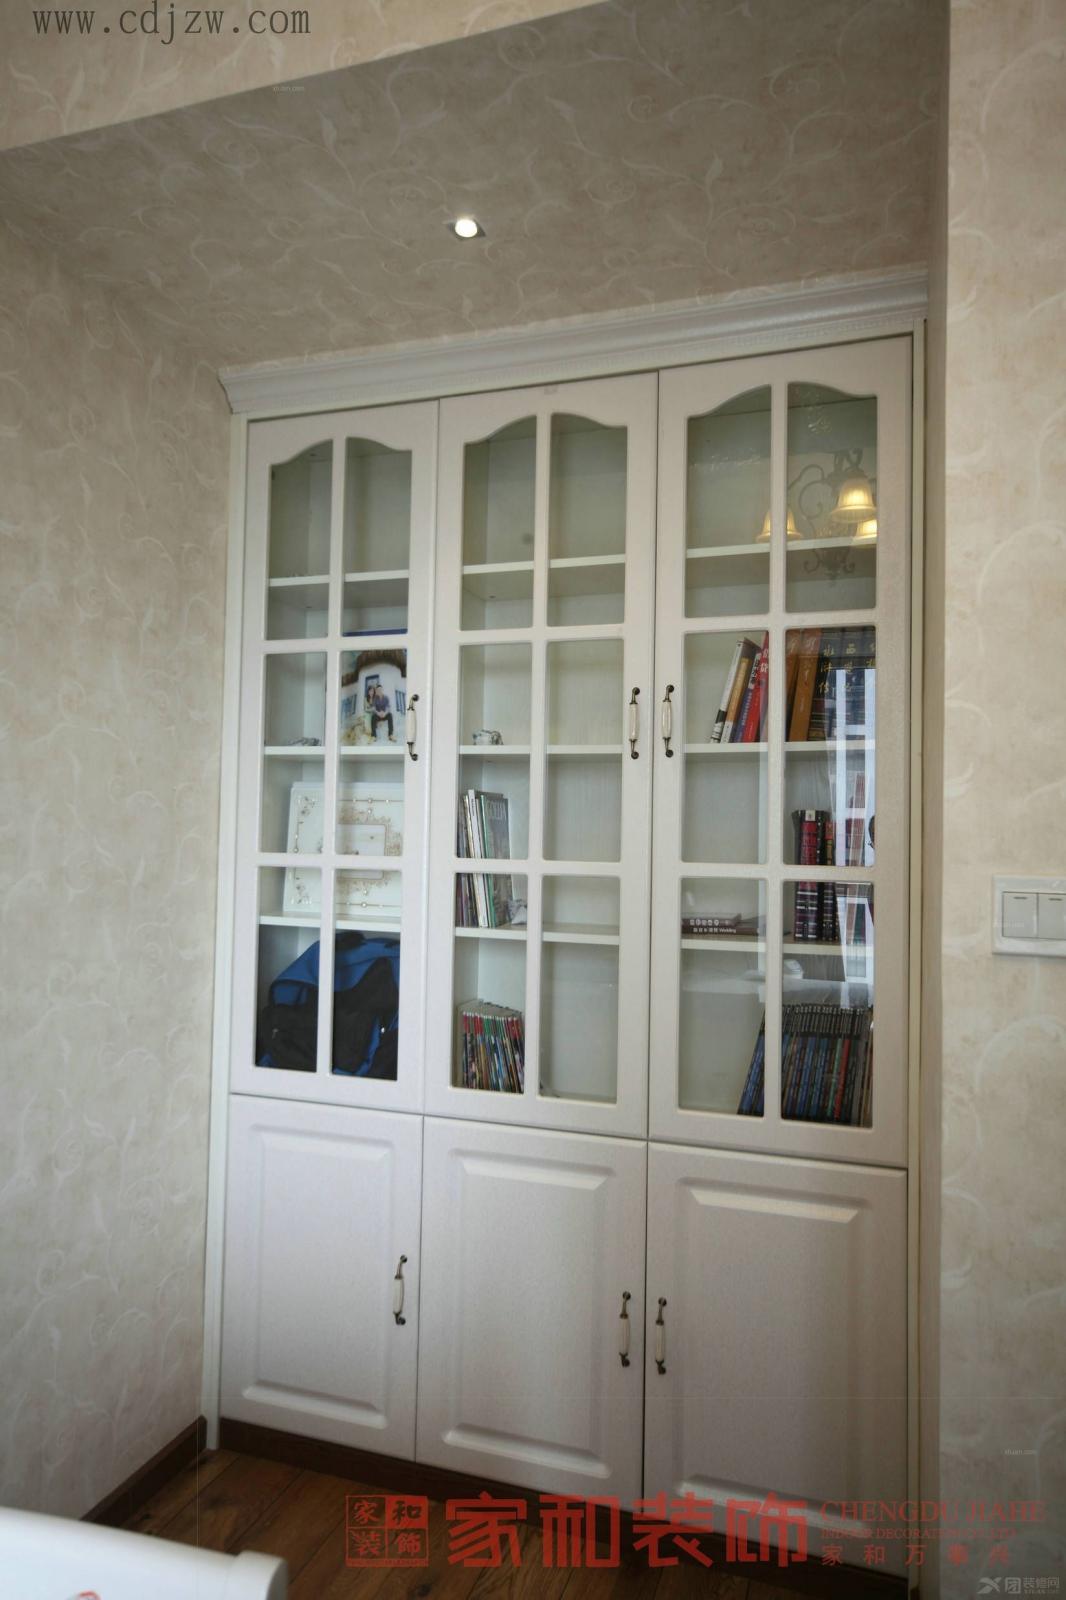 两居室欧式风格阳台_首汇·观筑装修效果图-x团装修网